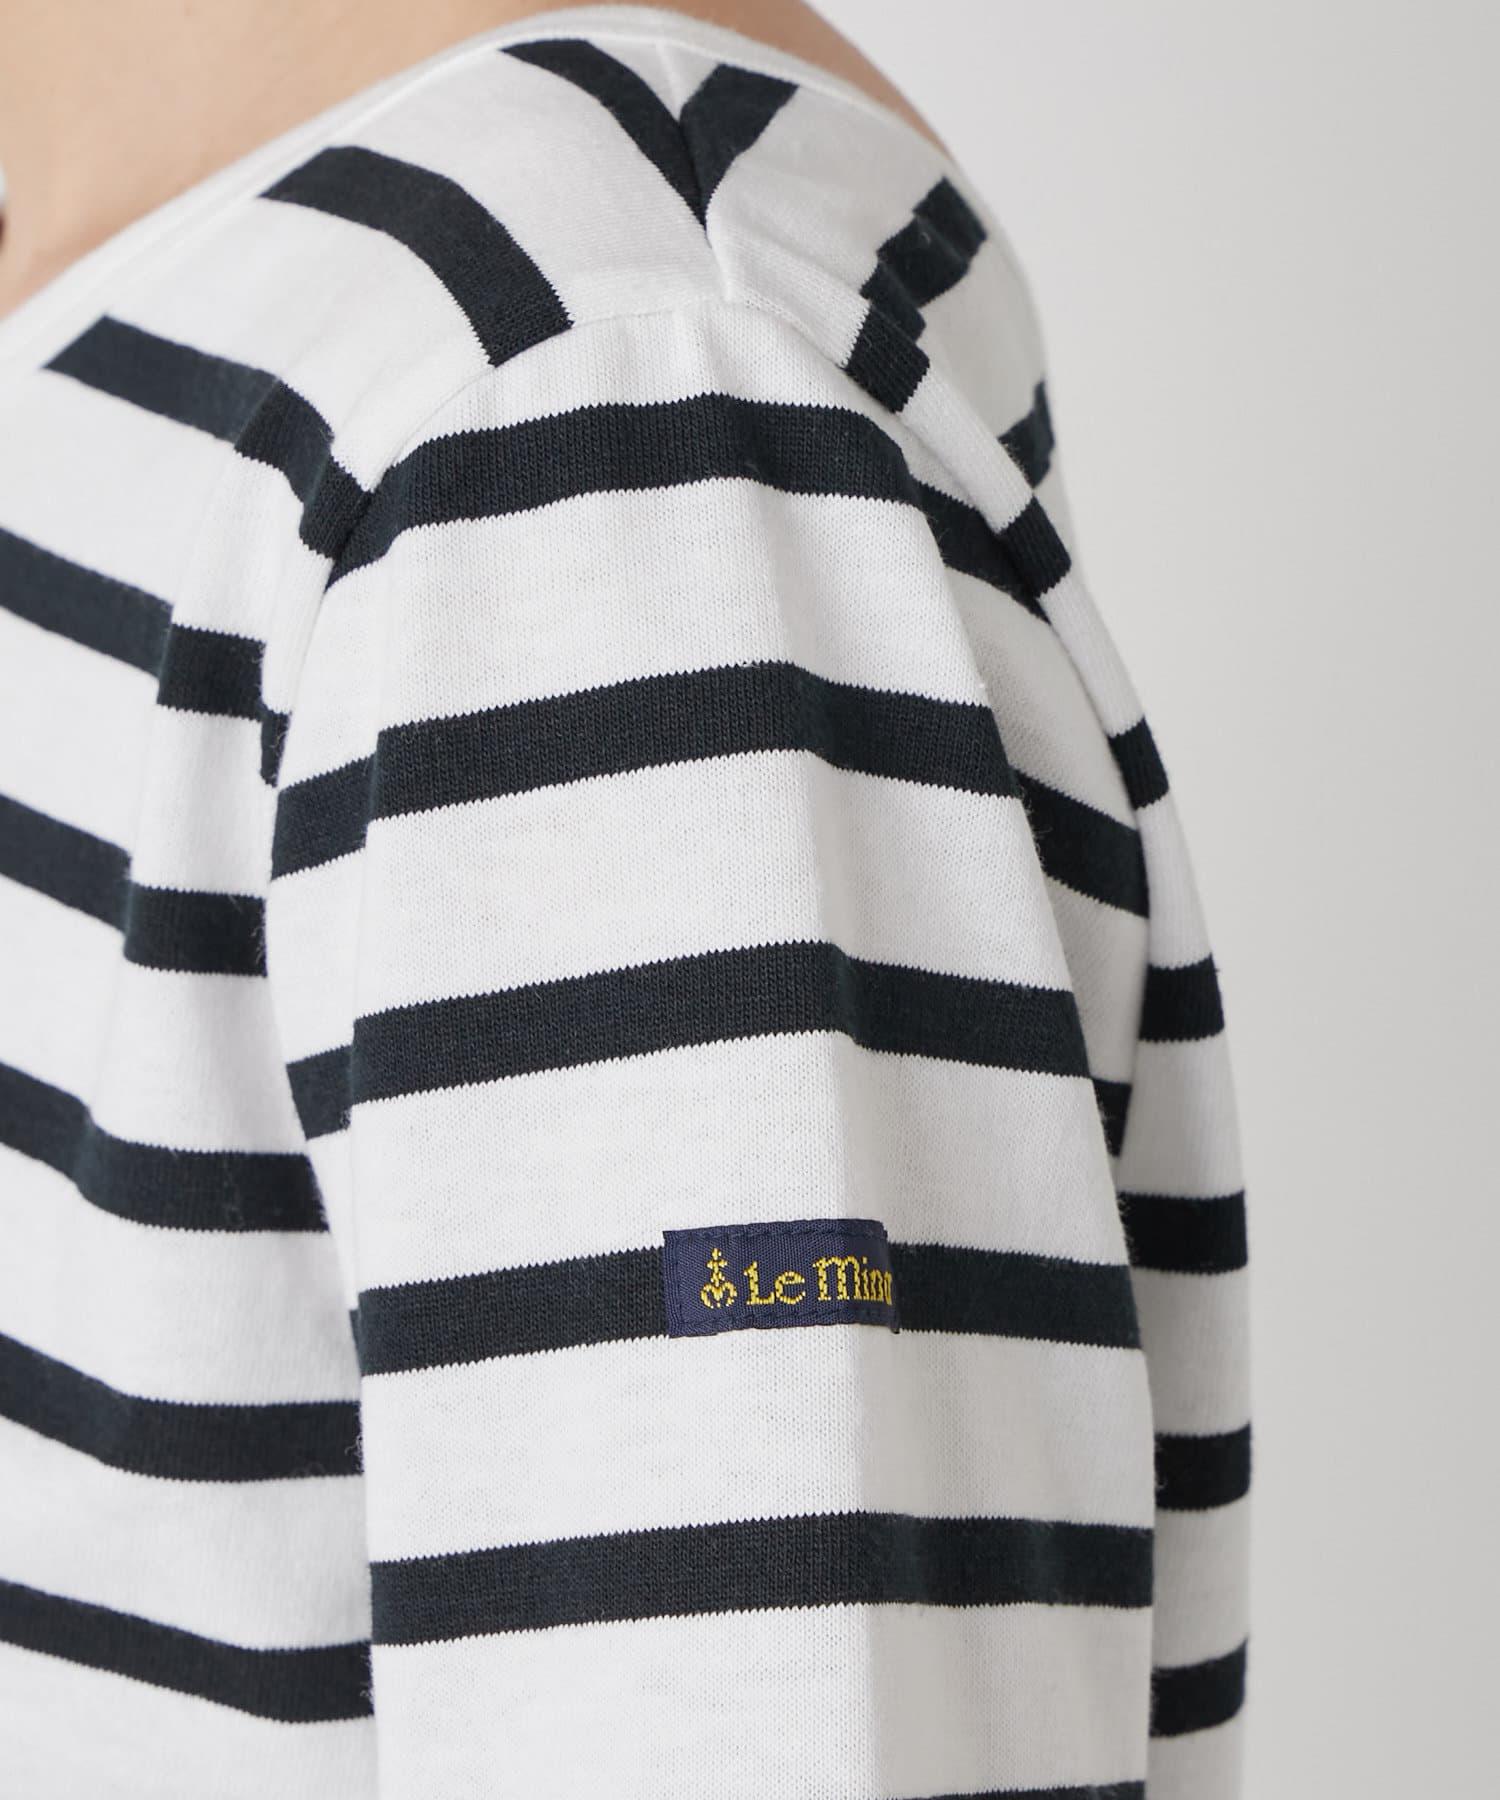 La boutique BonBon(ラブティックボンボン) 【Le minor(ルミノア)・別注・洗える】マドモワゼルボーダーTシャツ